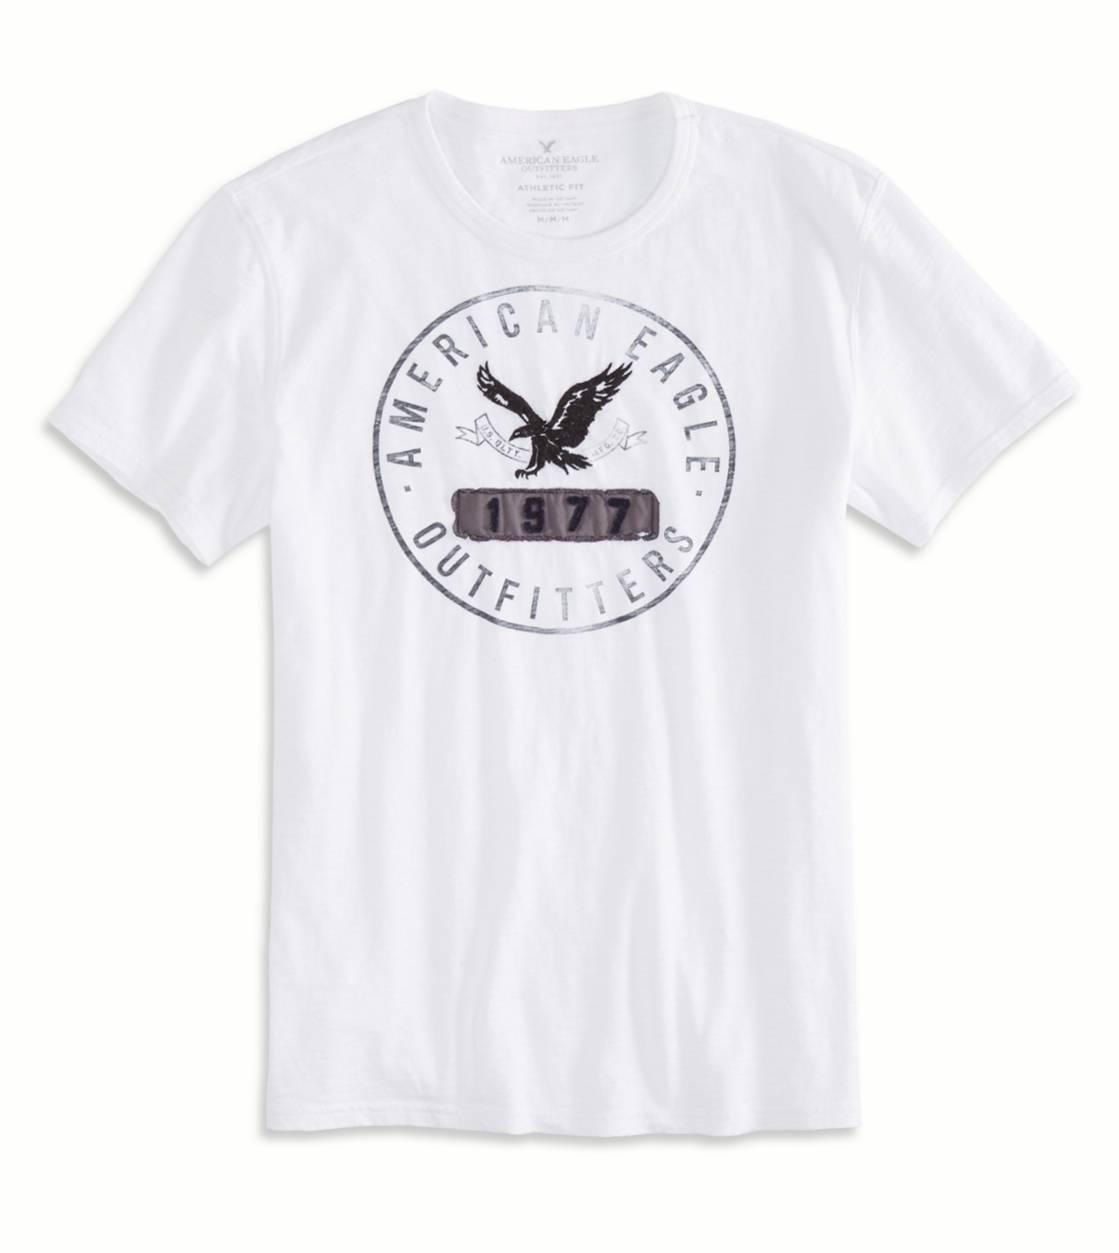 เสื้อยืดแฟนชั่นผู้ชาย American Eagle APPLIQUE GRAPHIC T-SHIRT – WHITE